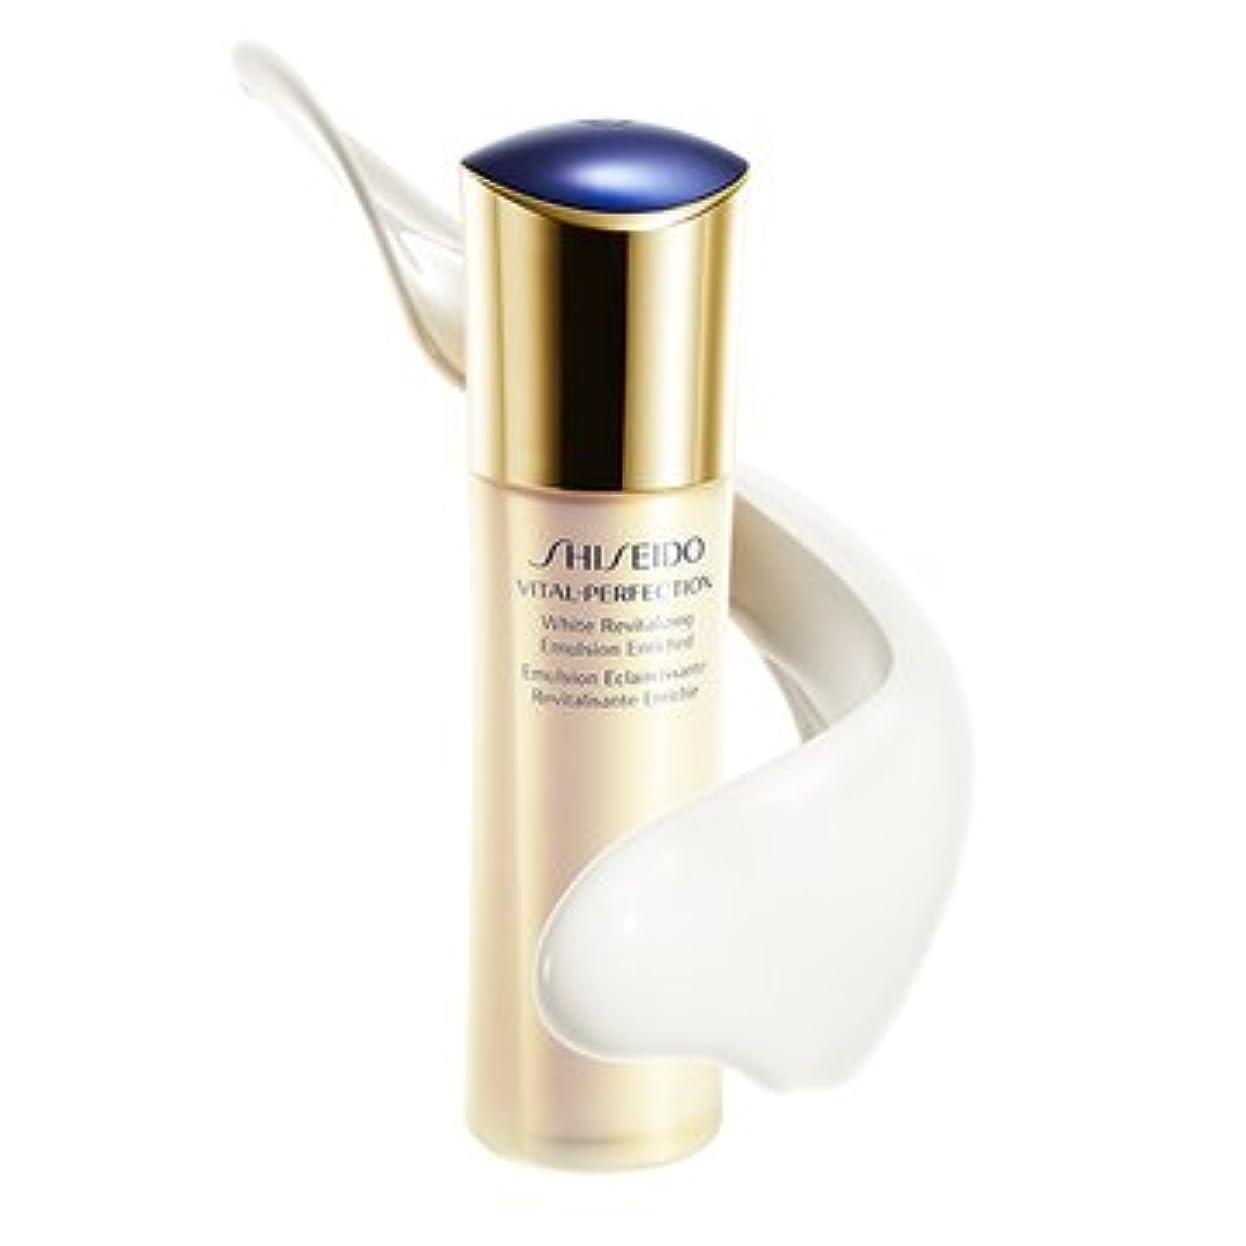 期限小道昼寝資生堂/shiseido バイタルパーフェクション/VITAL-PERFECTION ホワイトRV エマルジョン(医薬部外品)美白乳液